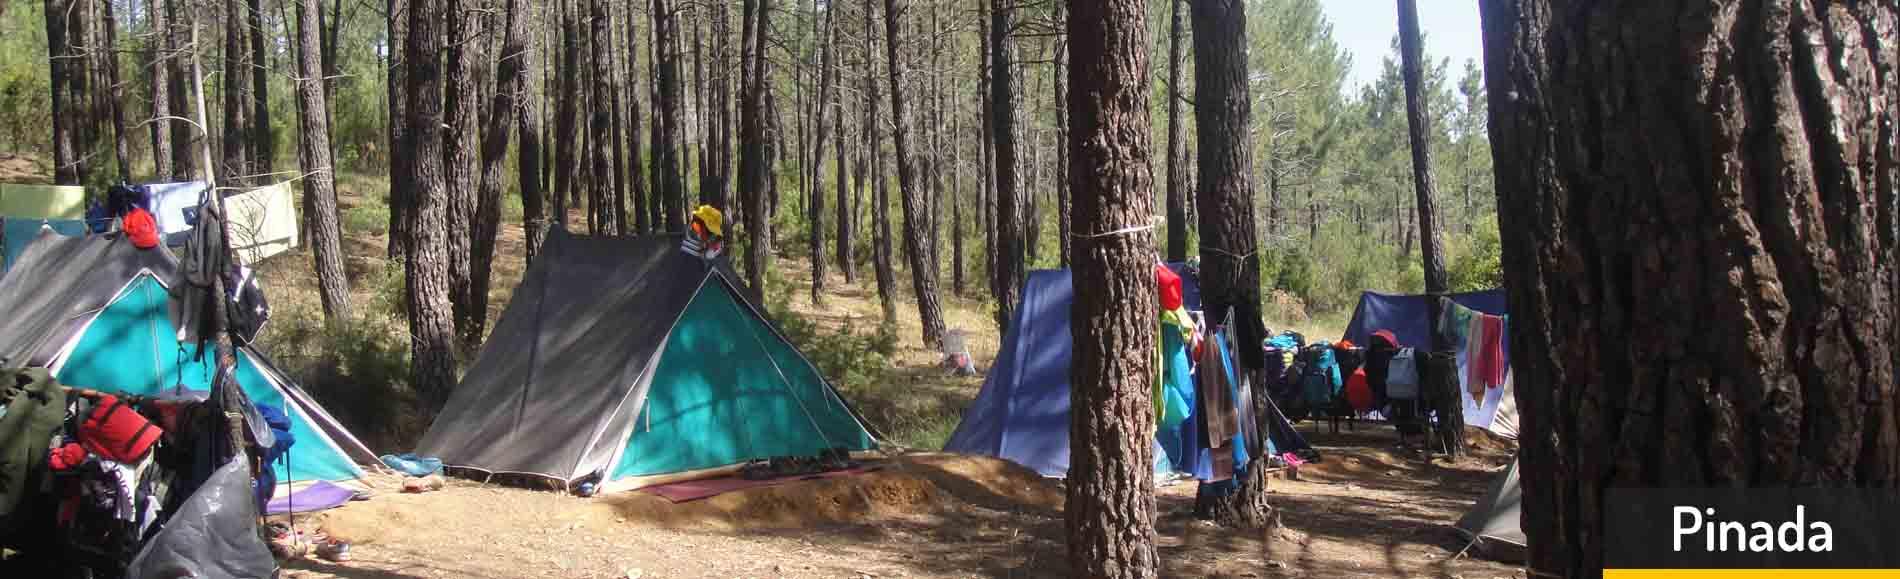 pinada-campamento-talayuelas